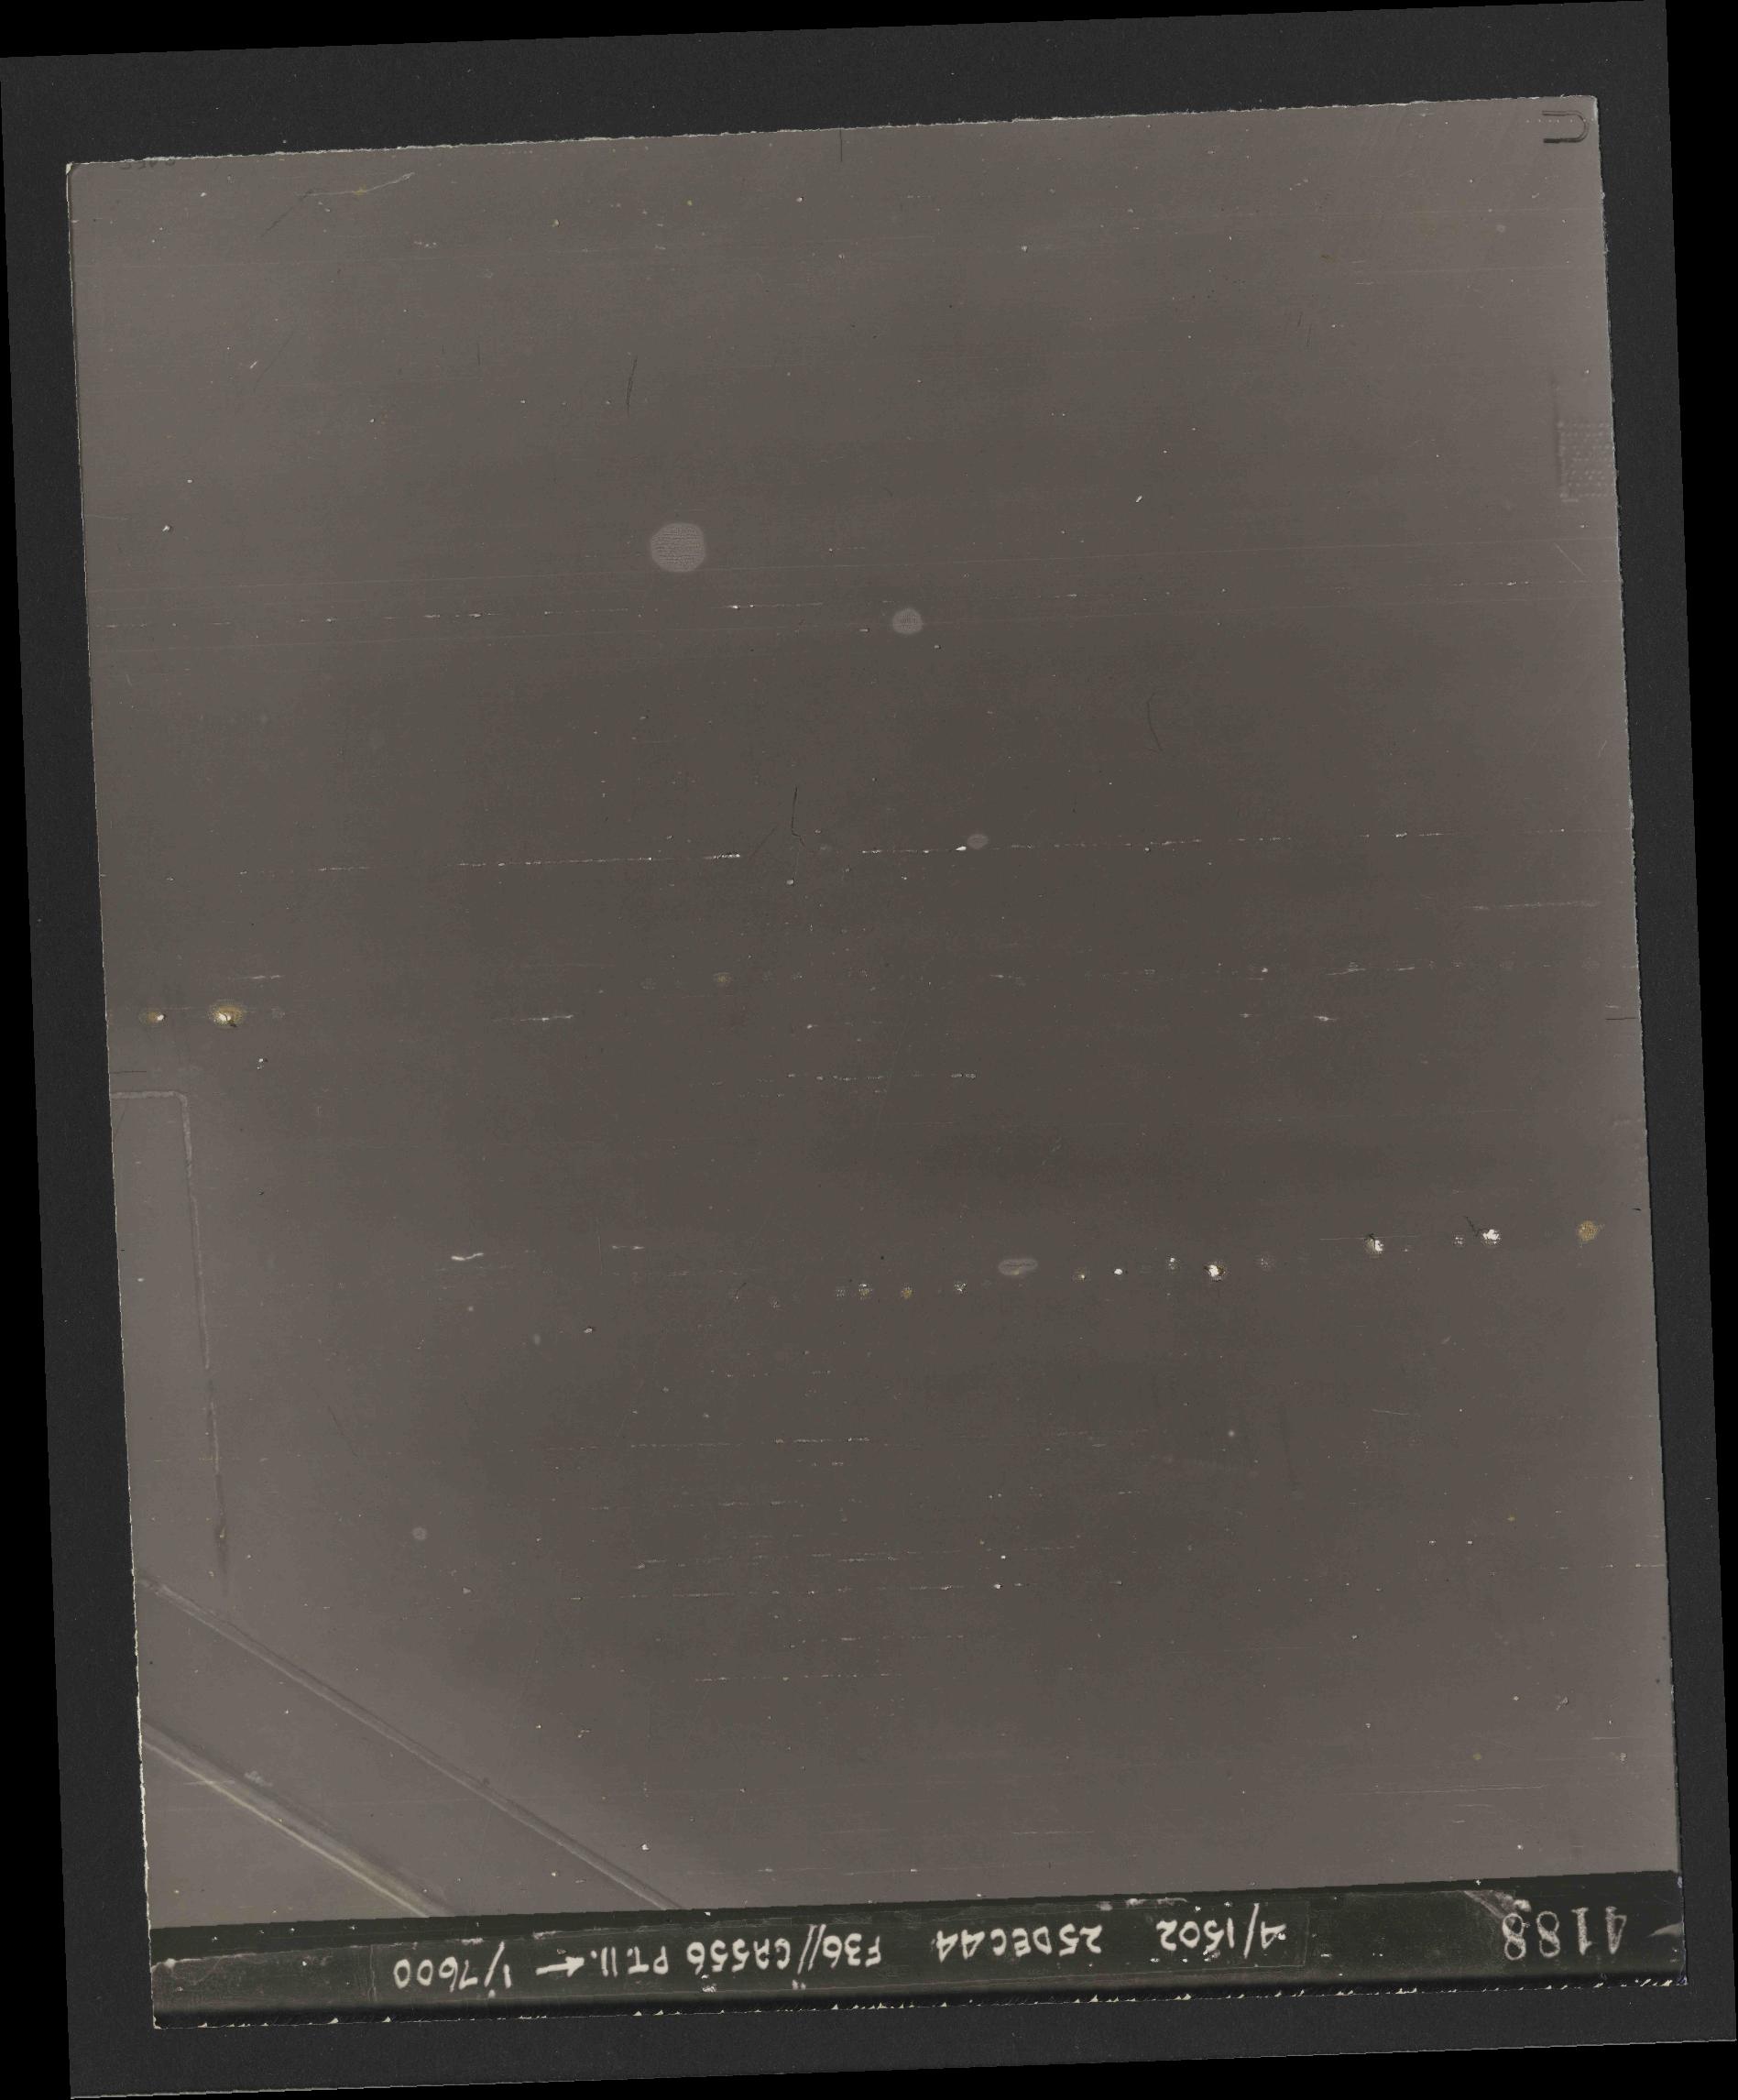 Collection RAF aerial photos 1940-1945 - flight 306, run 05, photo 4188